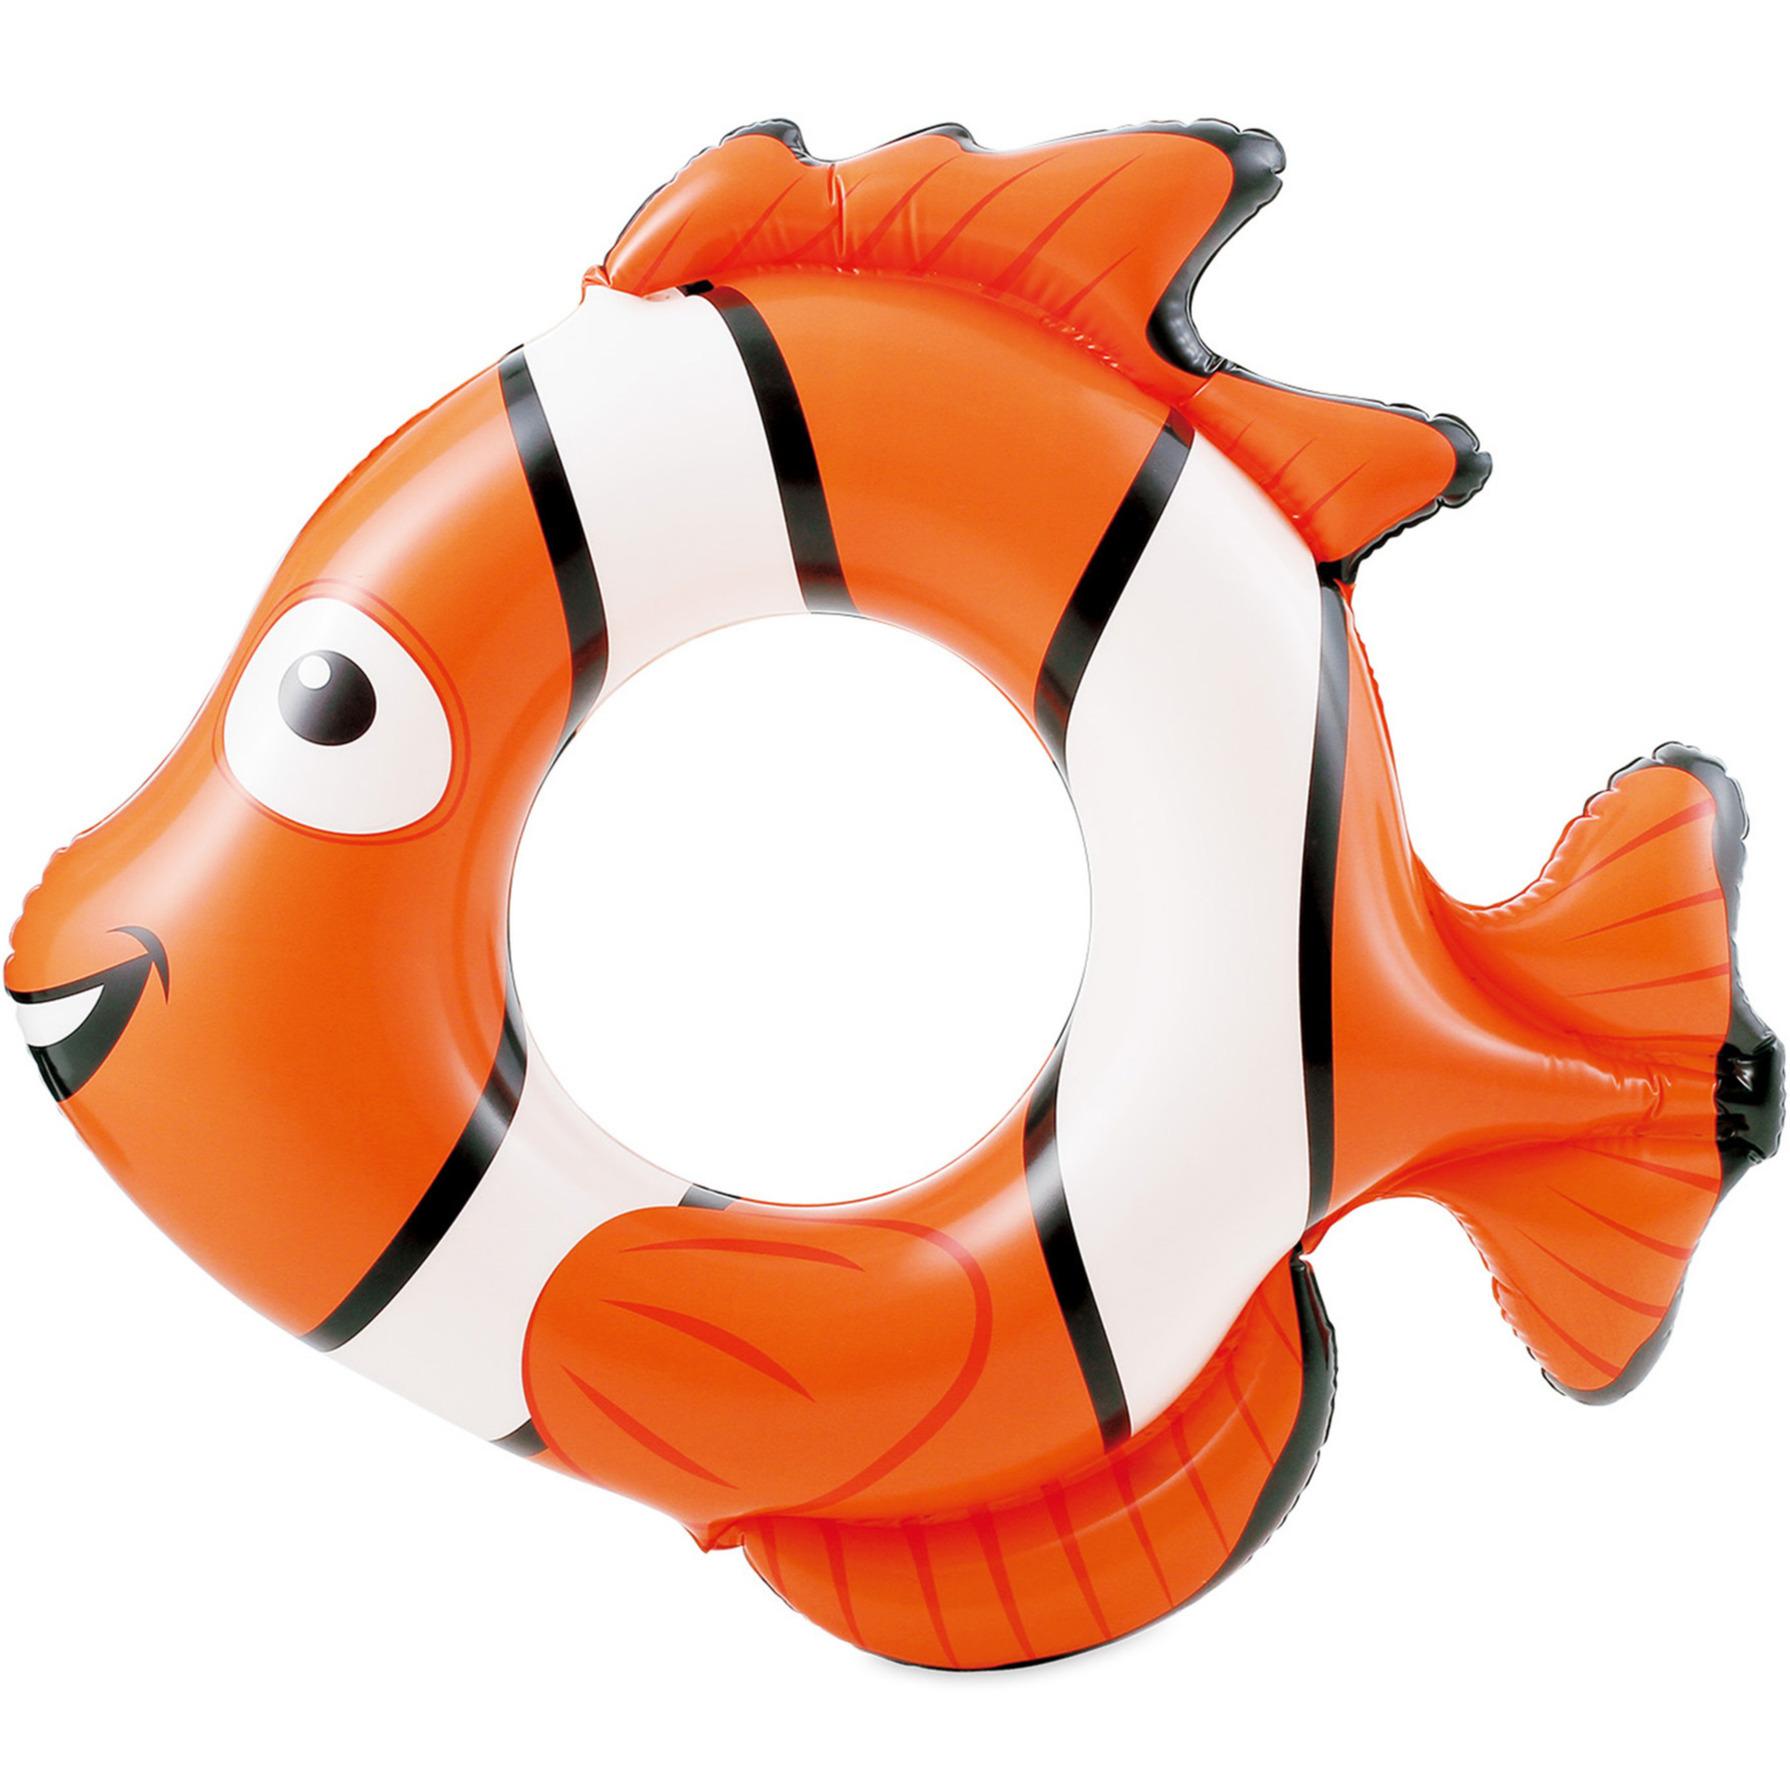 Waterspeelgoed oranje vis zwemband/zwemring 66 x 72 x 15 cm voor jongens/meisjes/kinderen